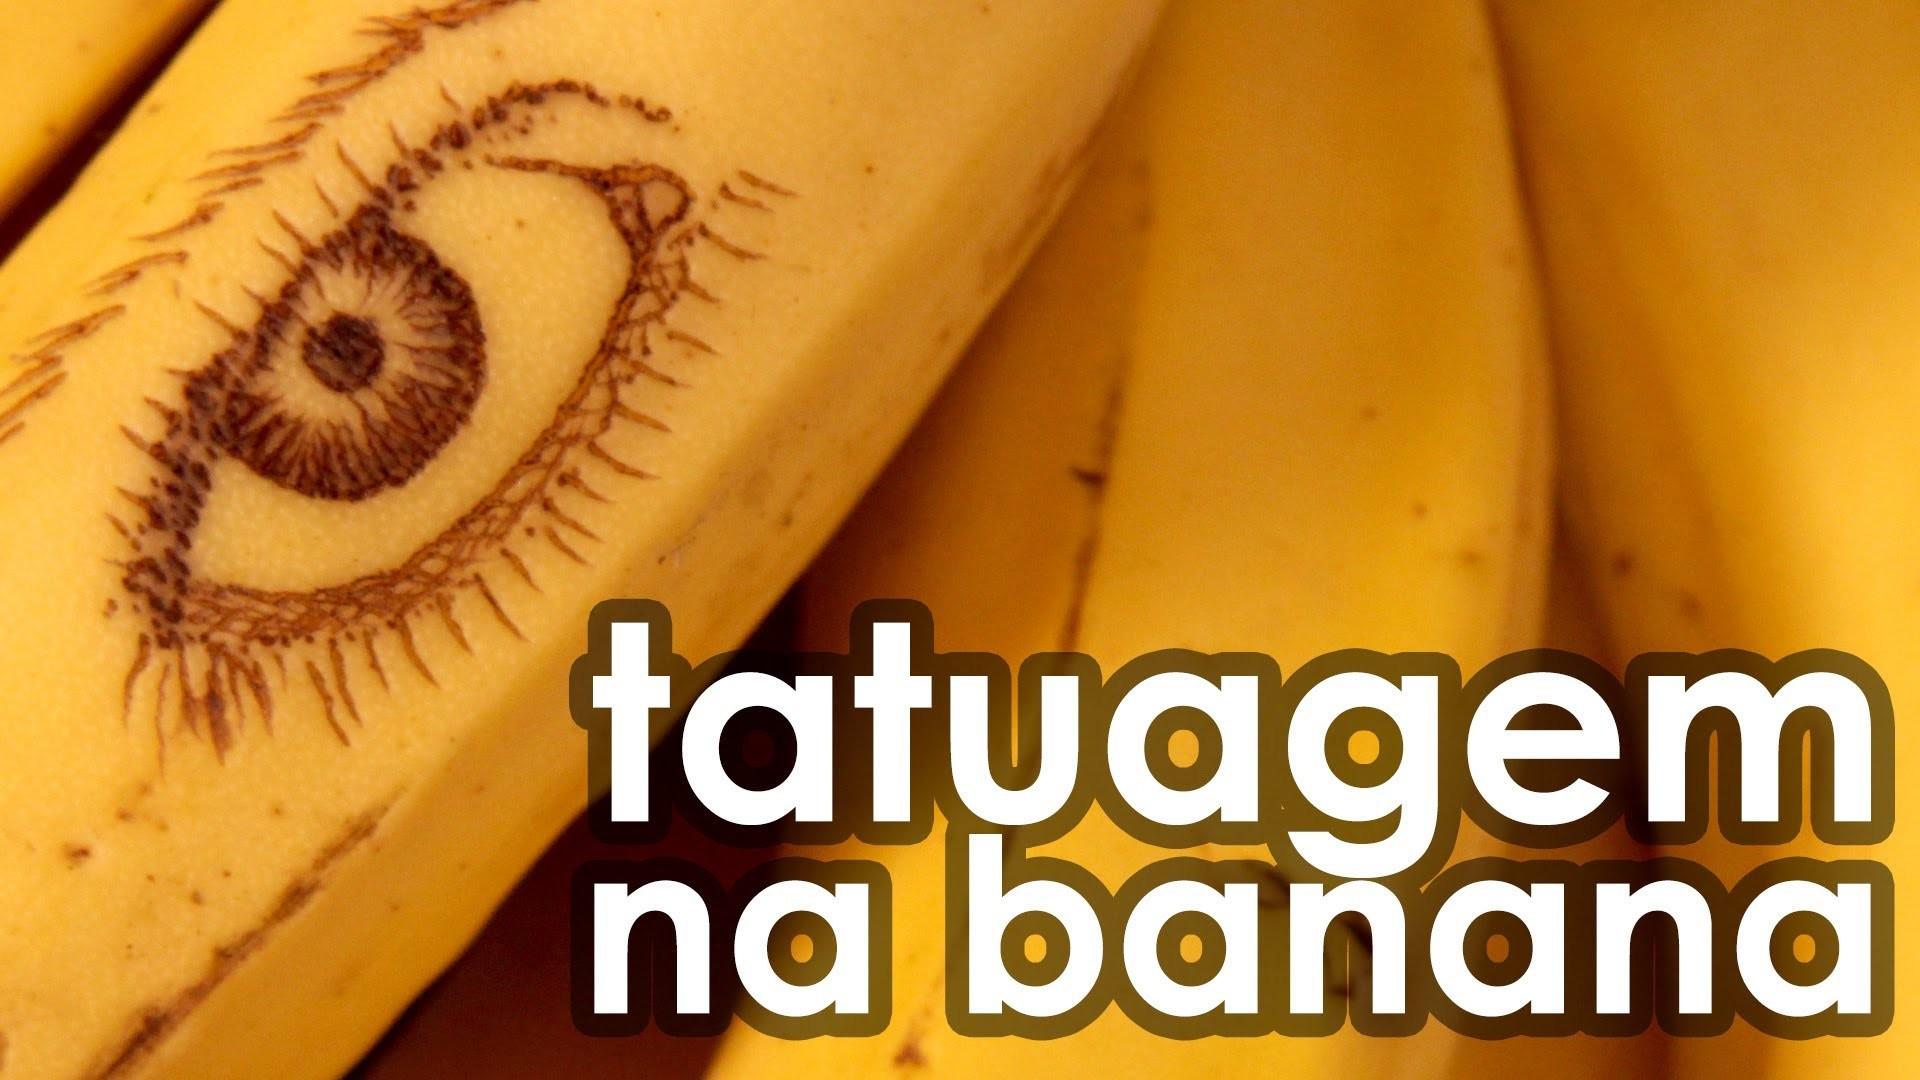 Tatuagem na banana (experiência de Biologia)